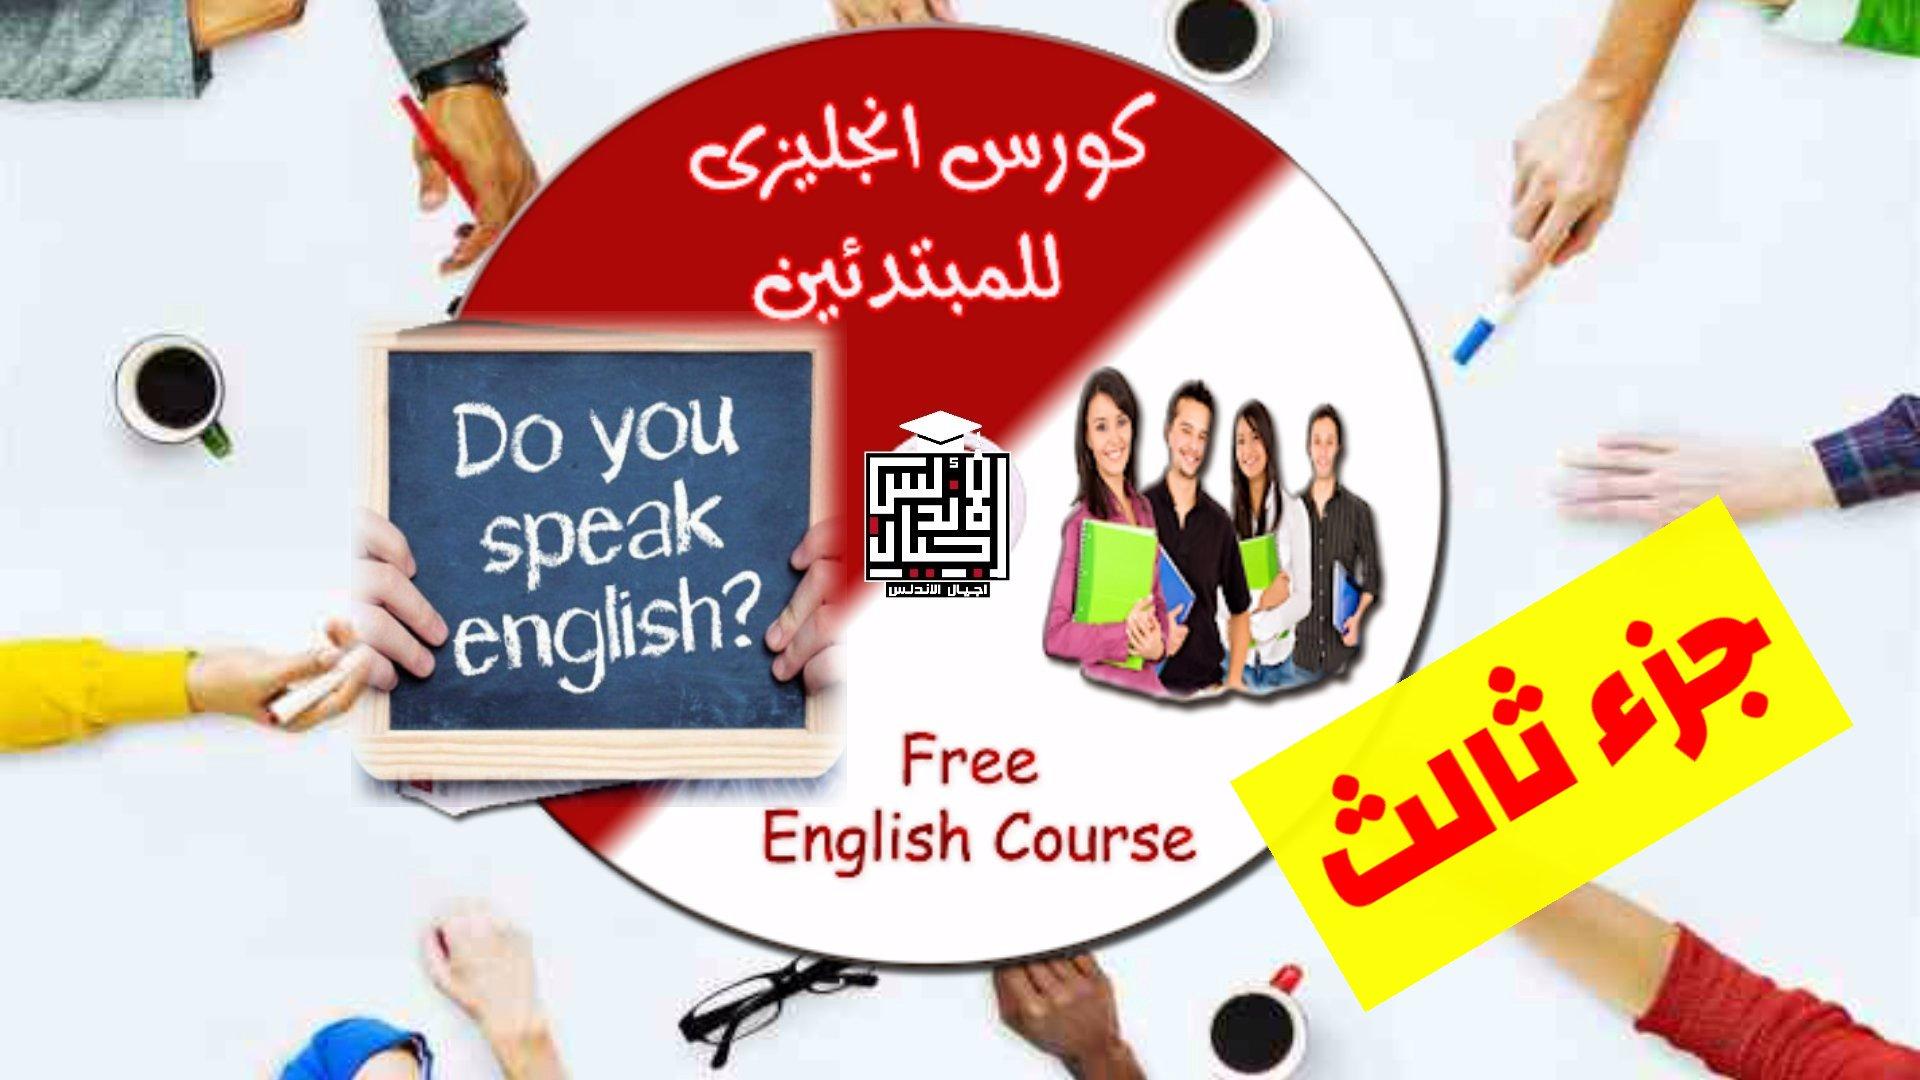 كورس مهم في اللغه الانجليزيه - 300 كلمه تجعلك تتحدث اللغة الأنجليزية بامتياز ( جزء ثالث )